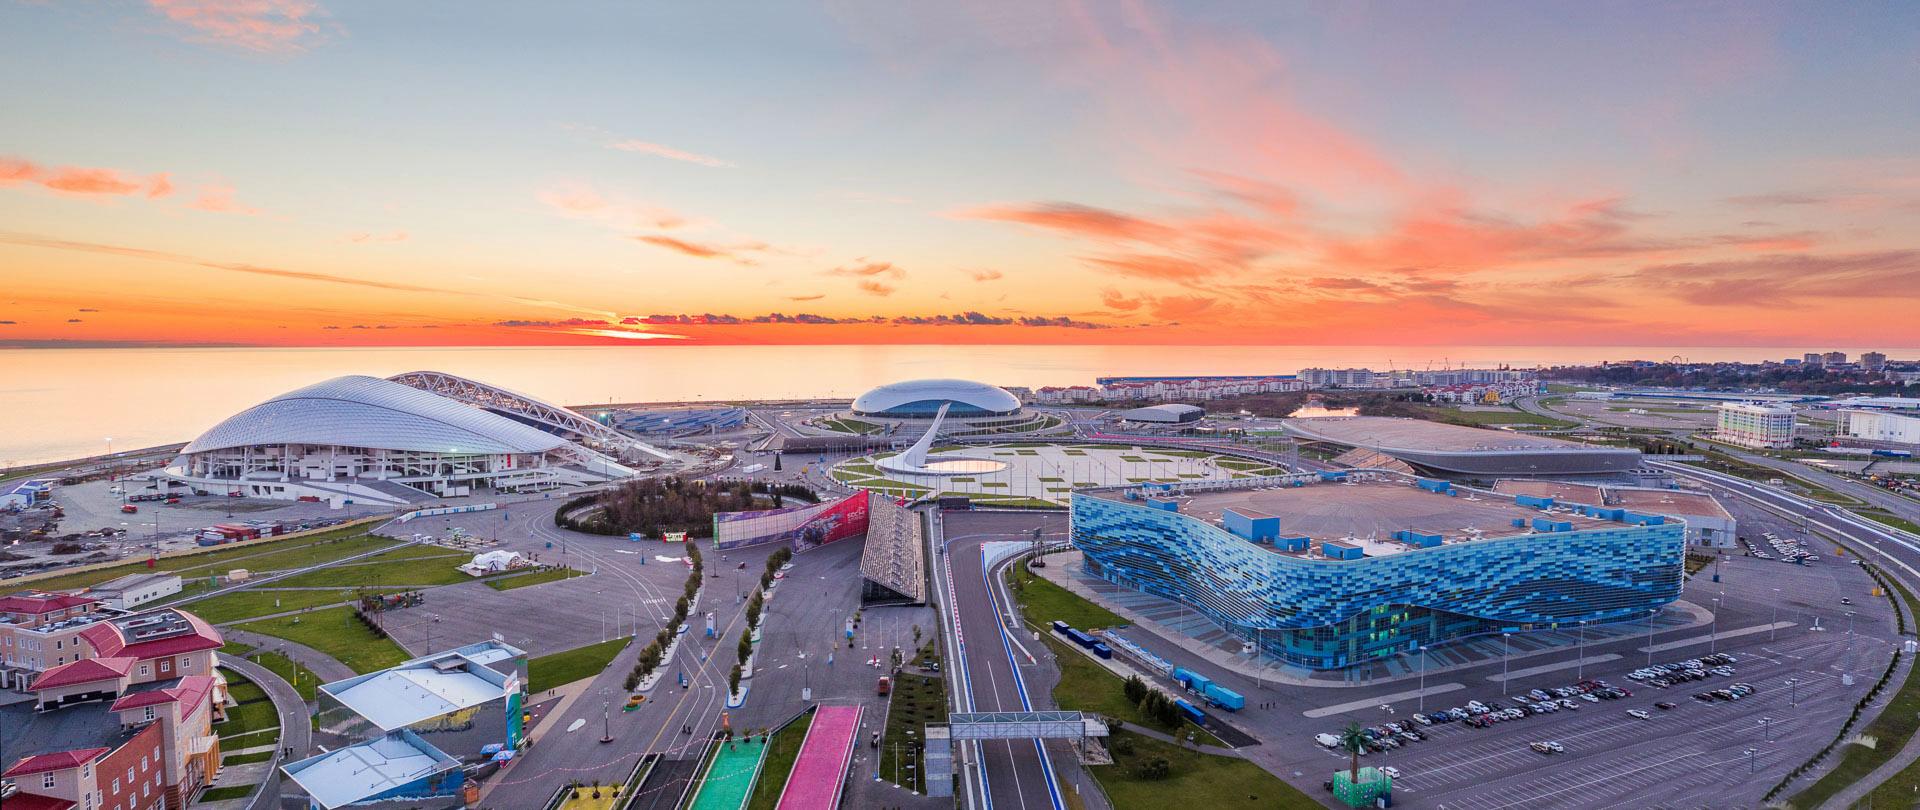 Фото: Олимпийский парк